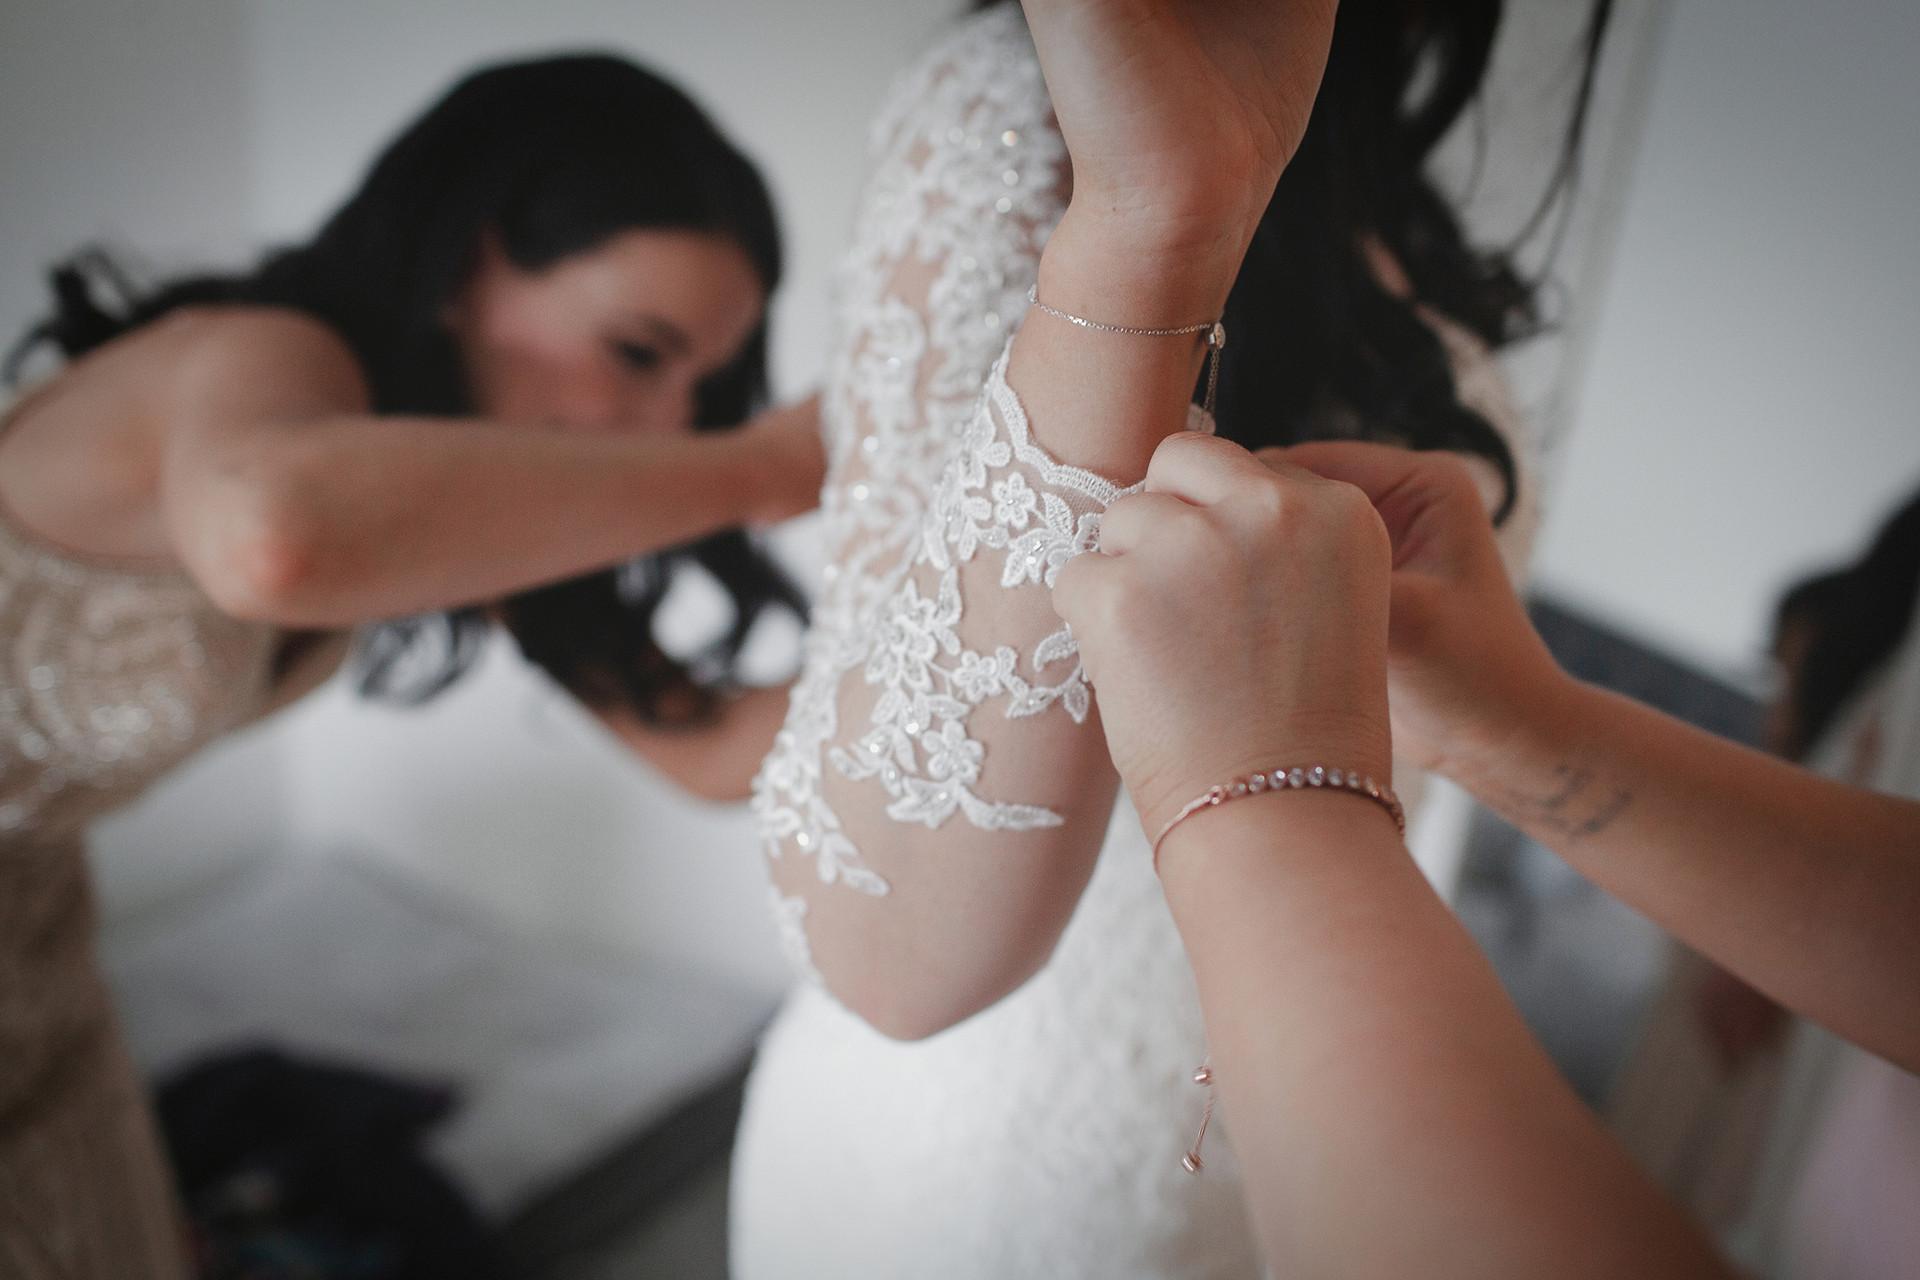 01_Bridal_Prep-185.jpg